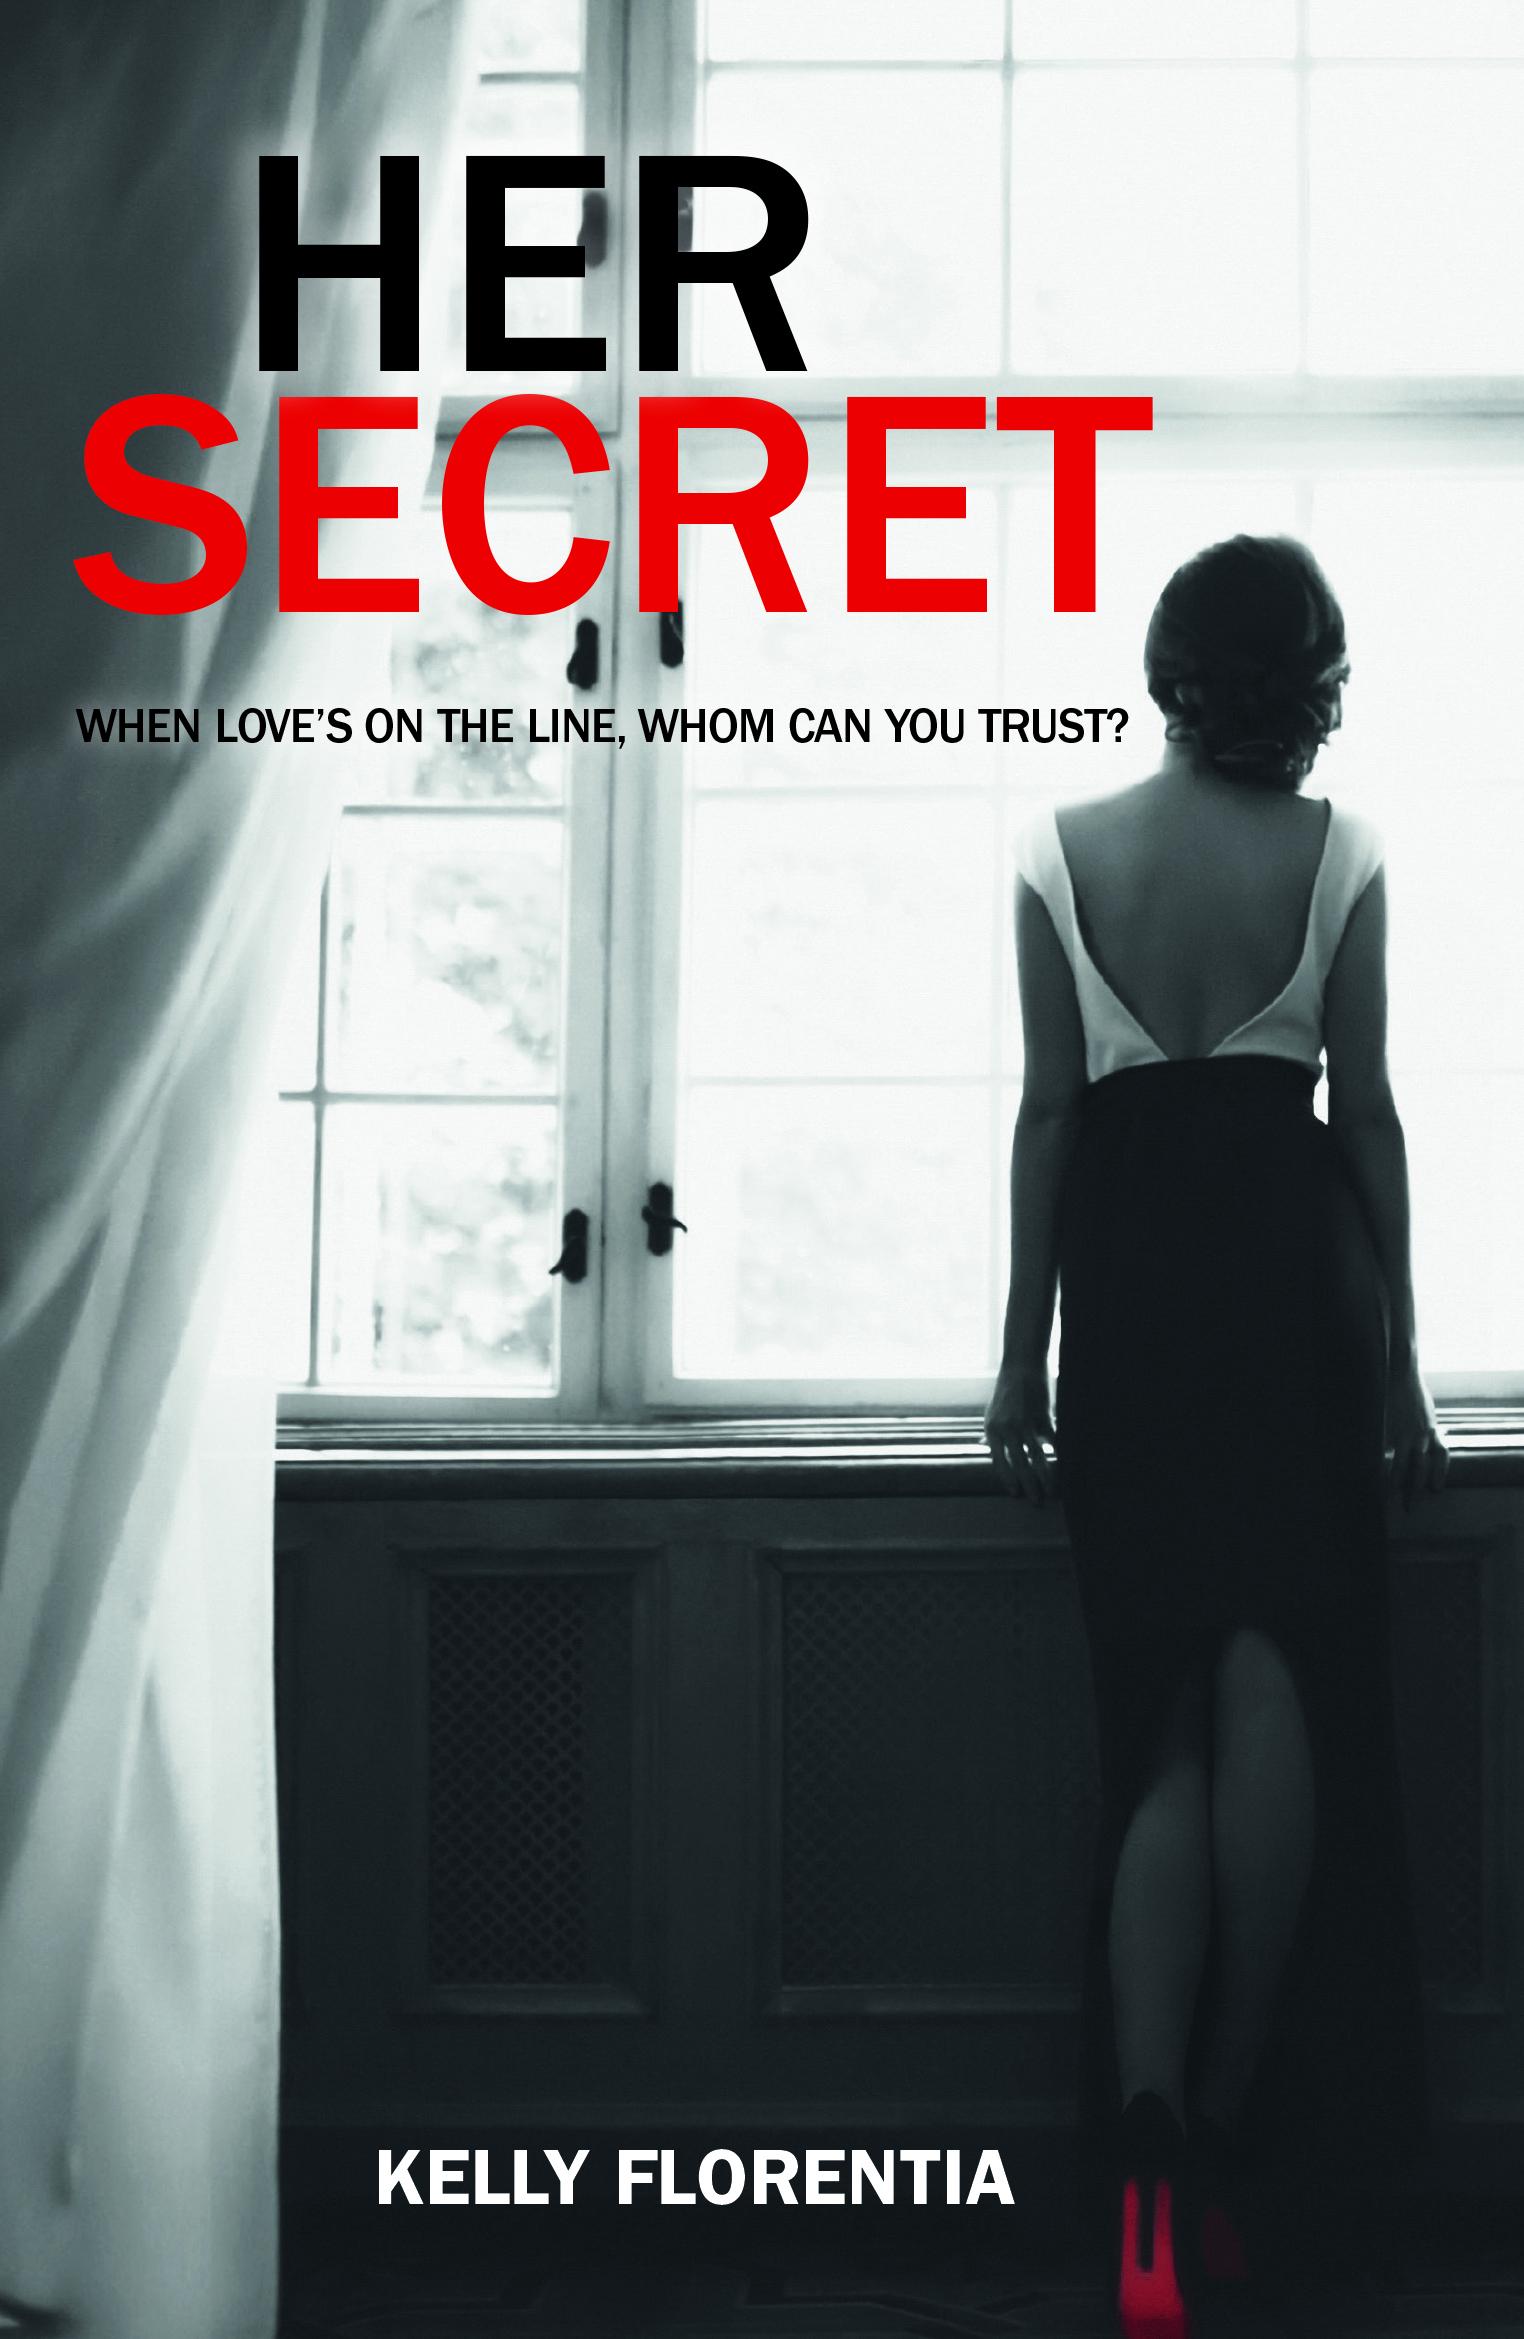 Her Secret - Book Cover.jpg